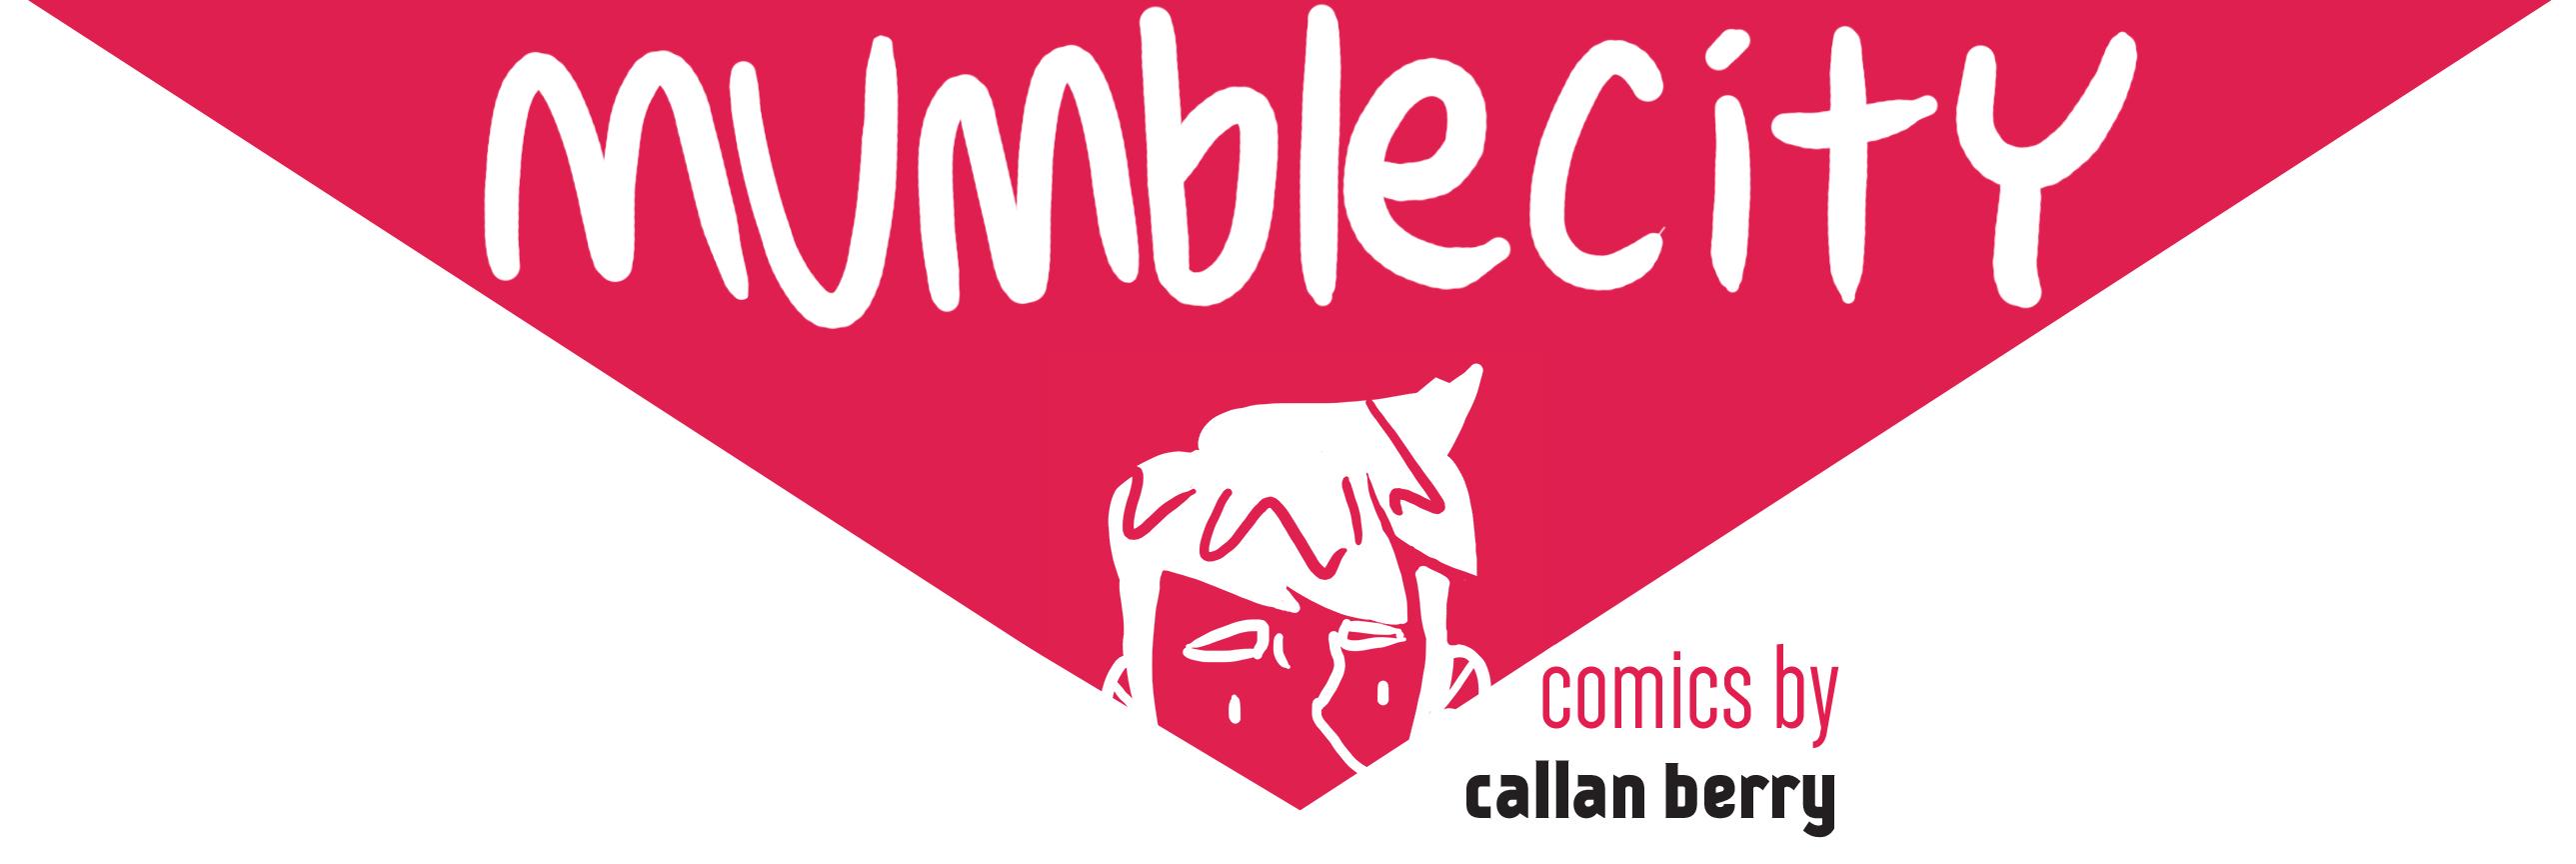 mumblecity